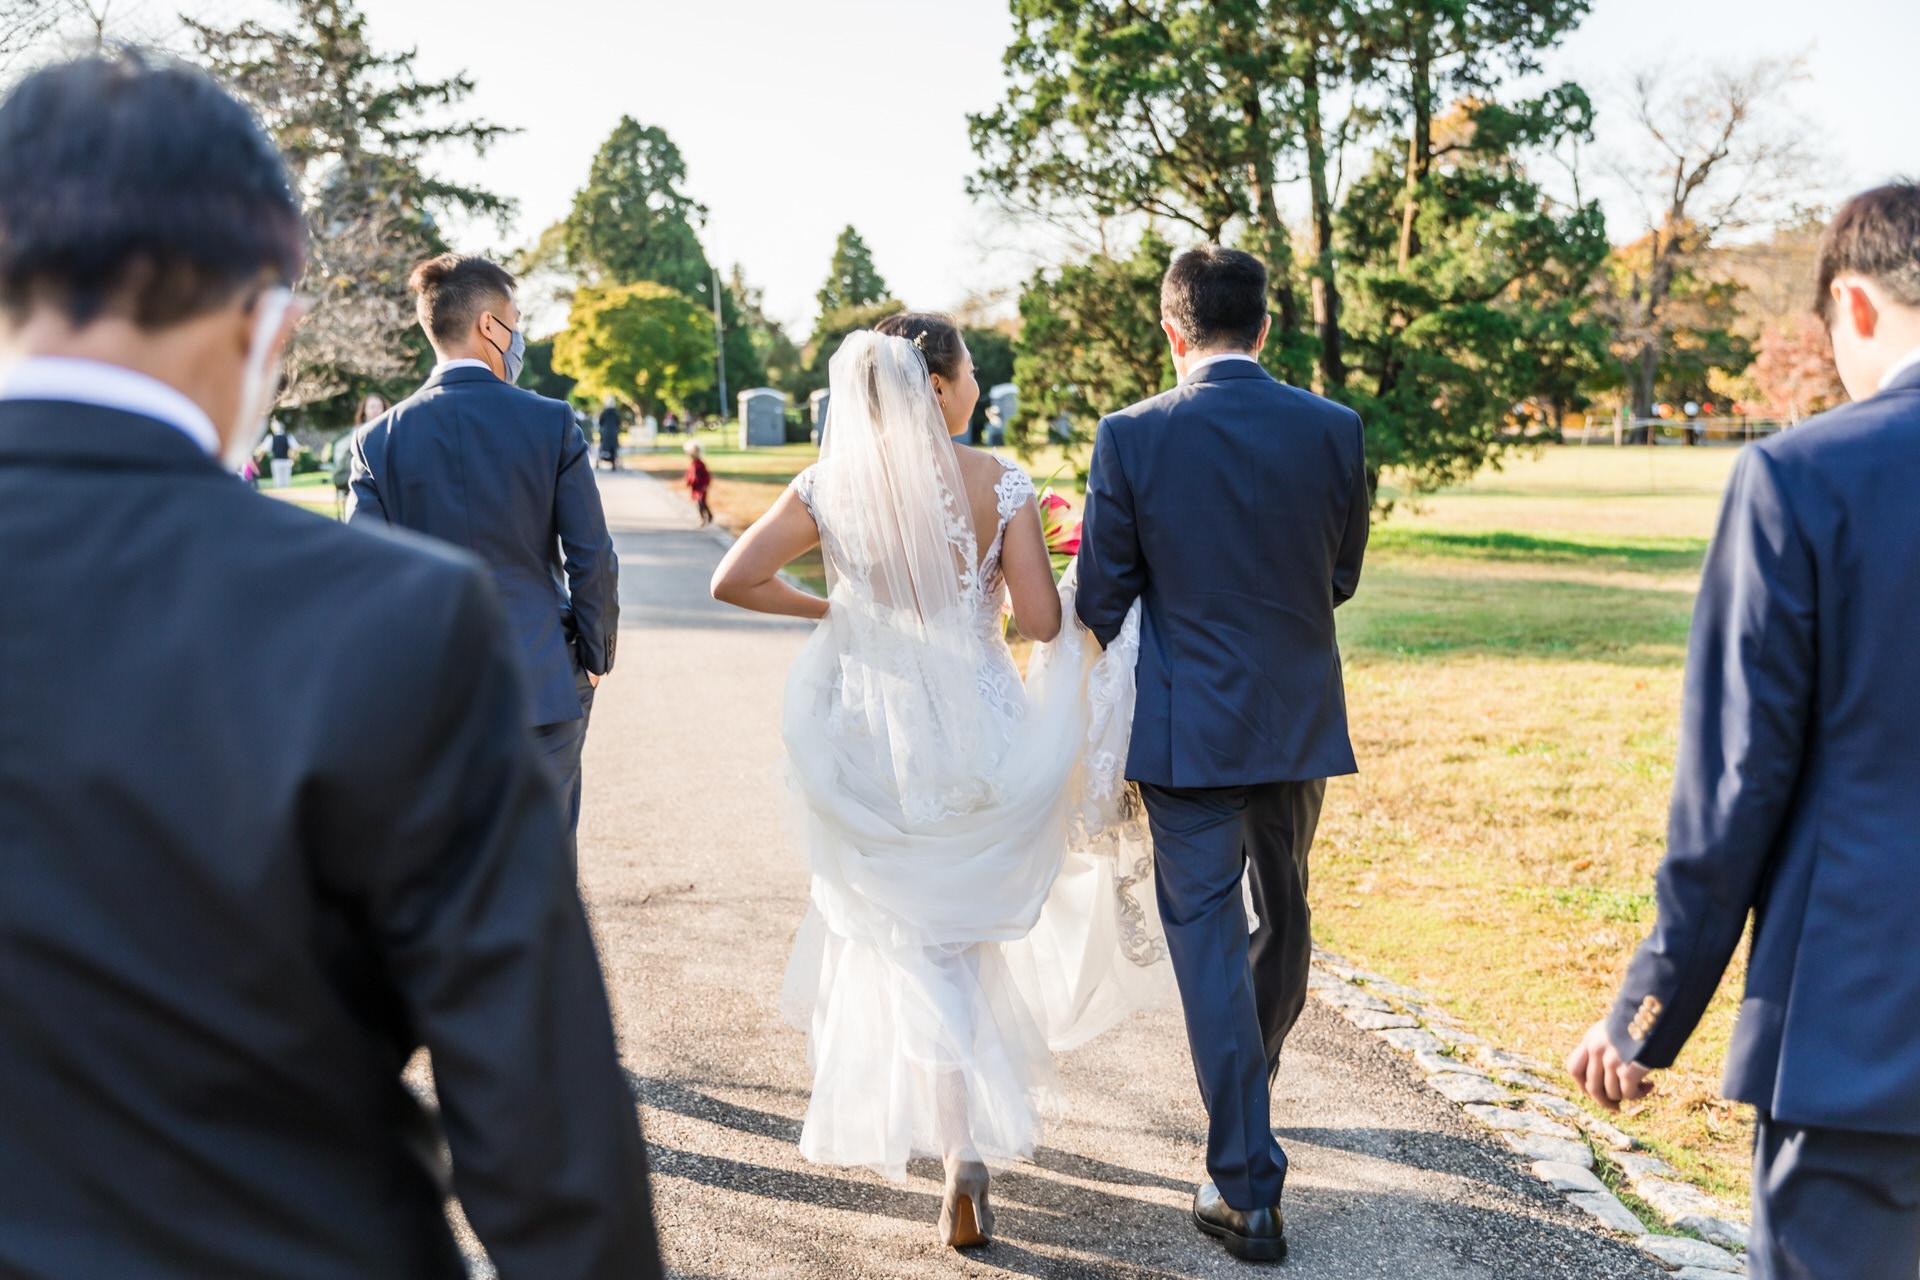 Photographe de mariage Maymont Virginie | Marcher ensemble à Maymont